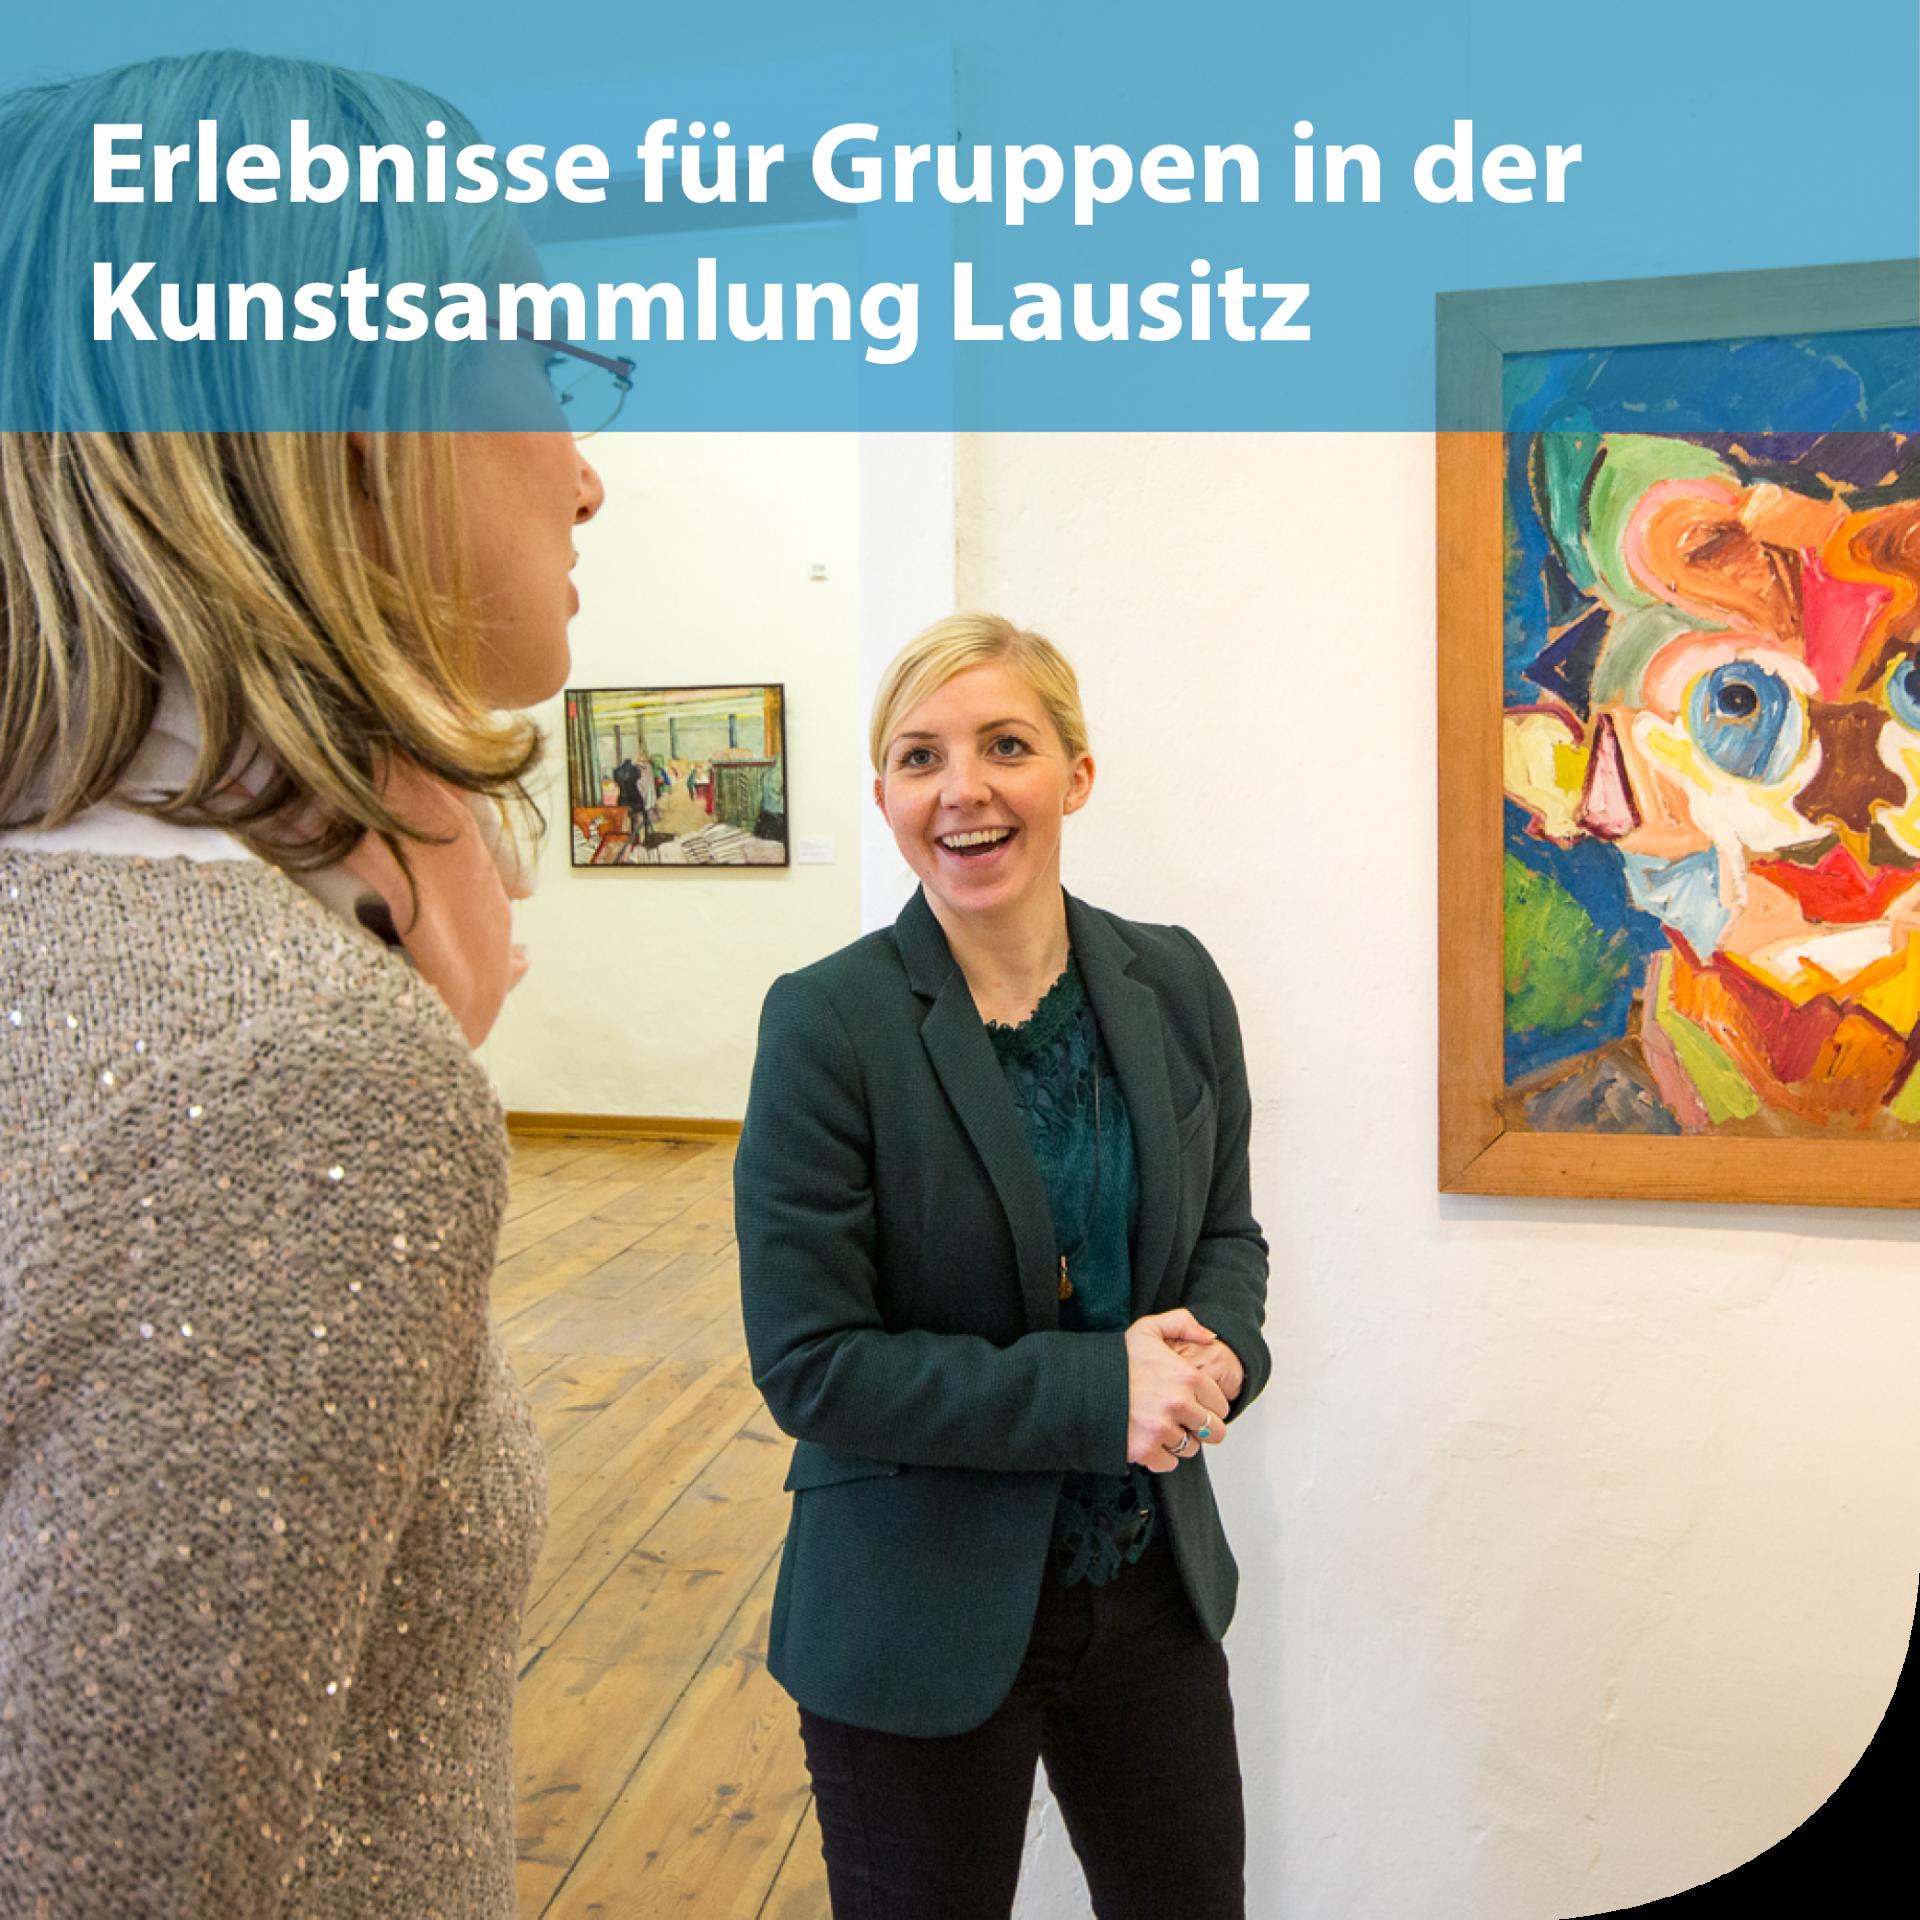 Erlebnisse für Reisegruppen in der Kunstsammlung Lausitz